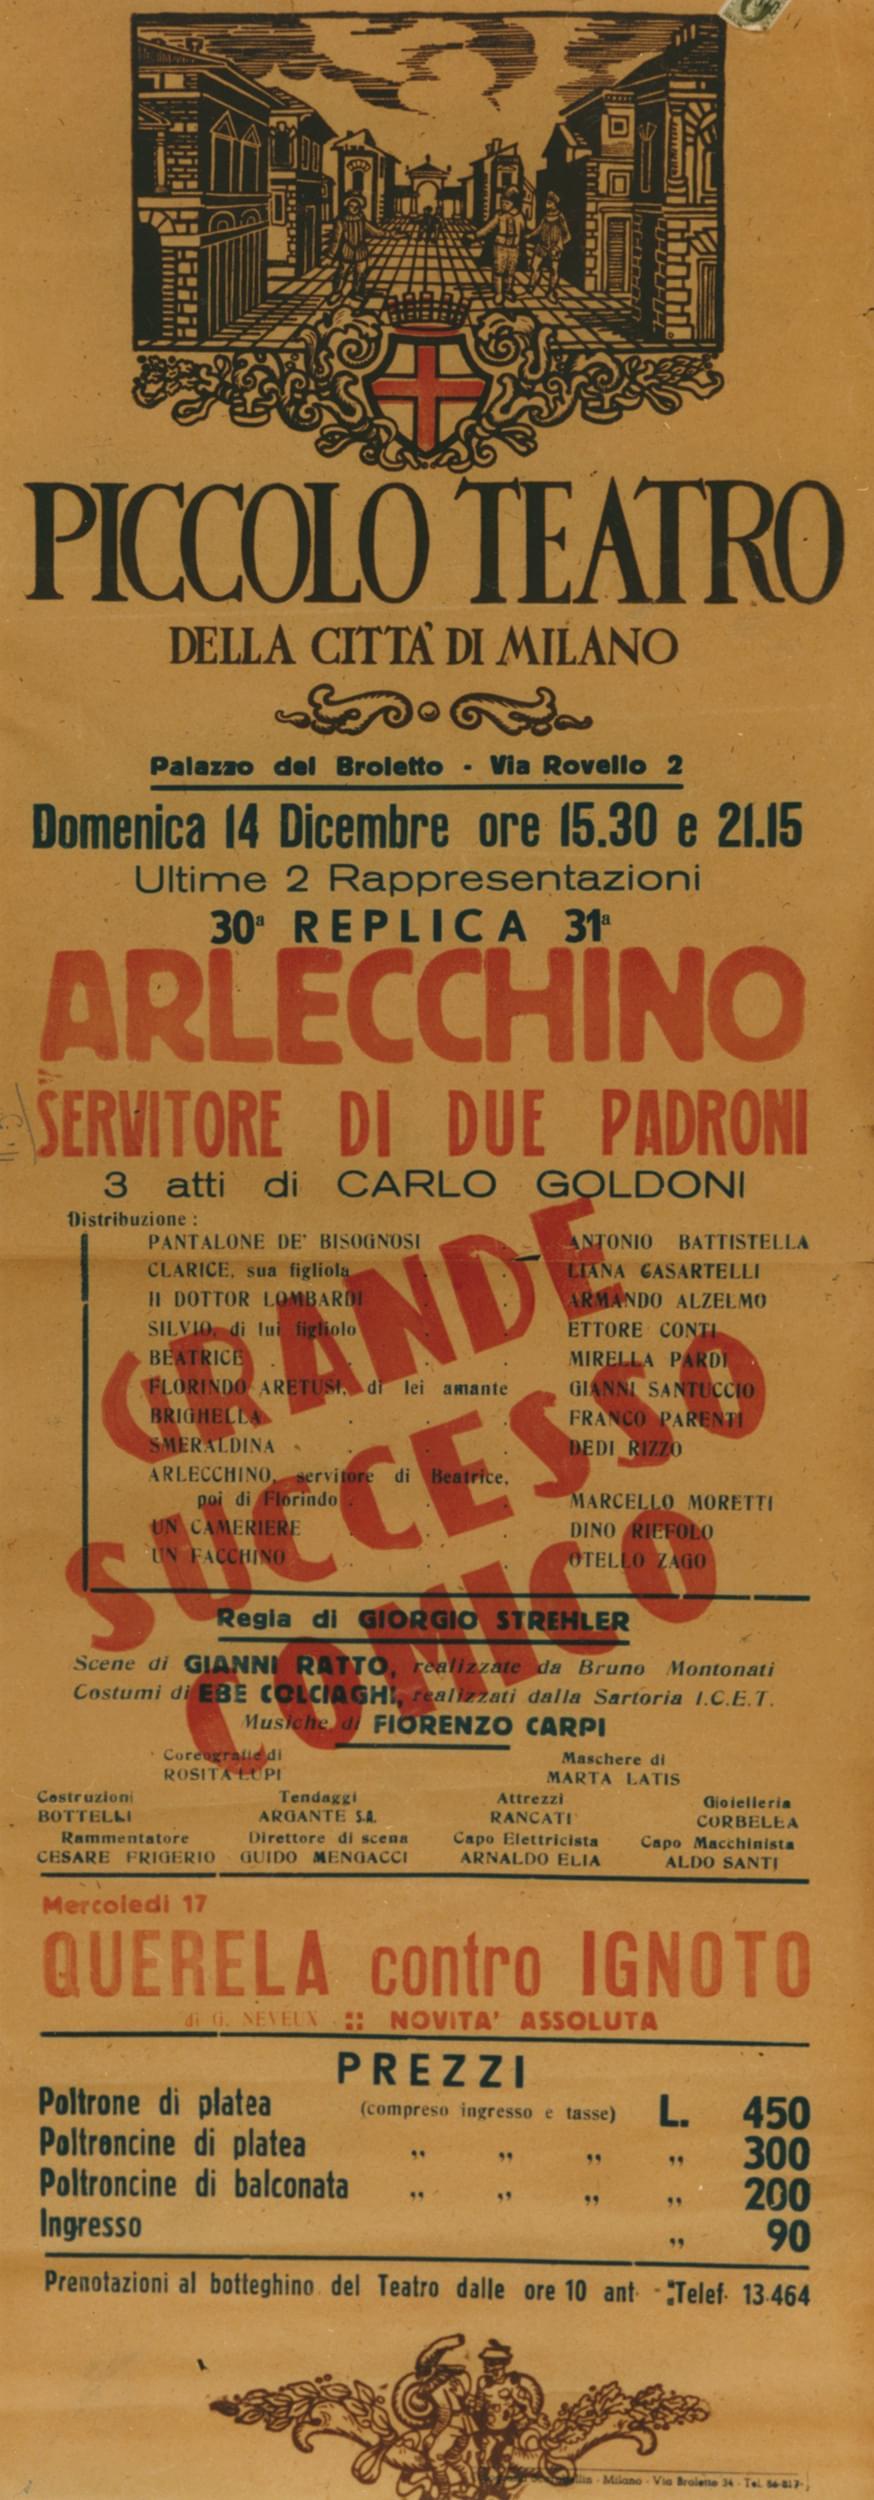 Locandina Arlecchino 1947